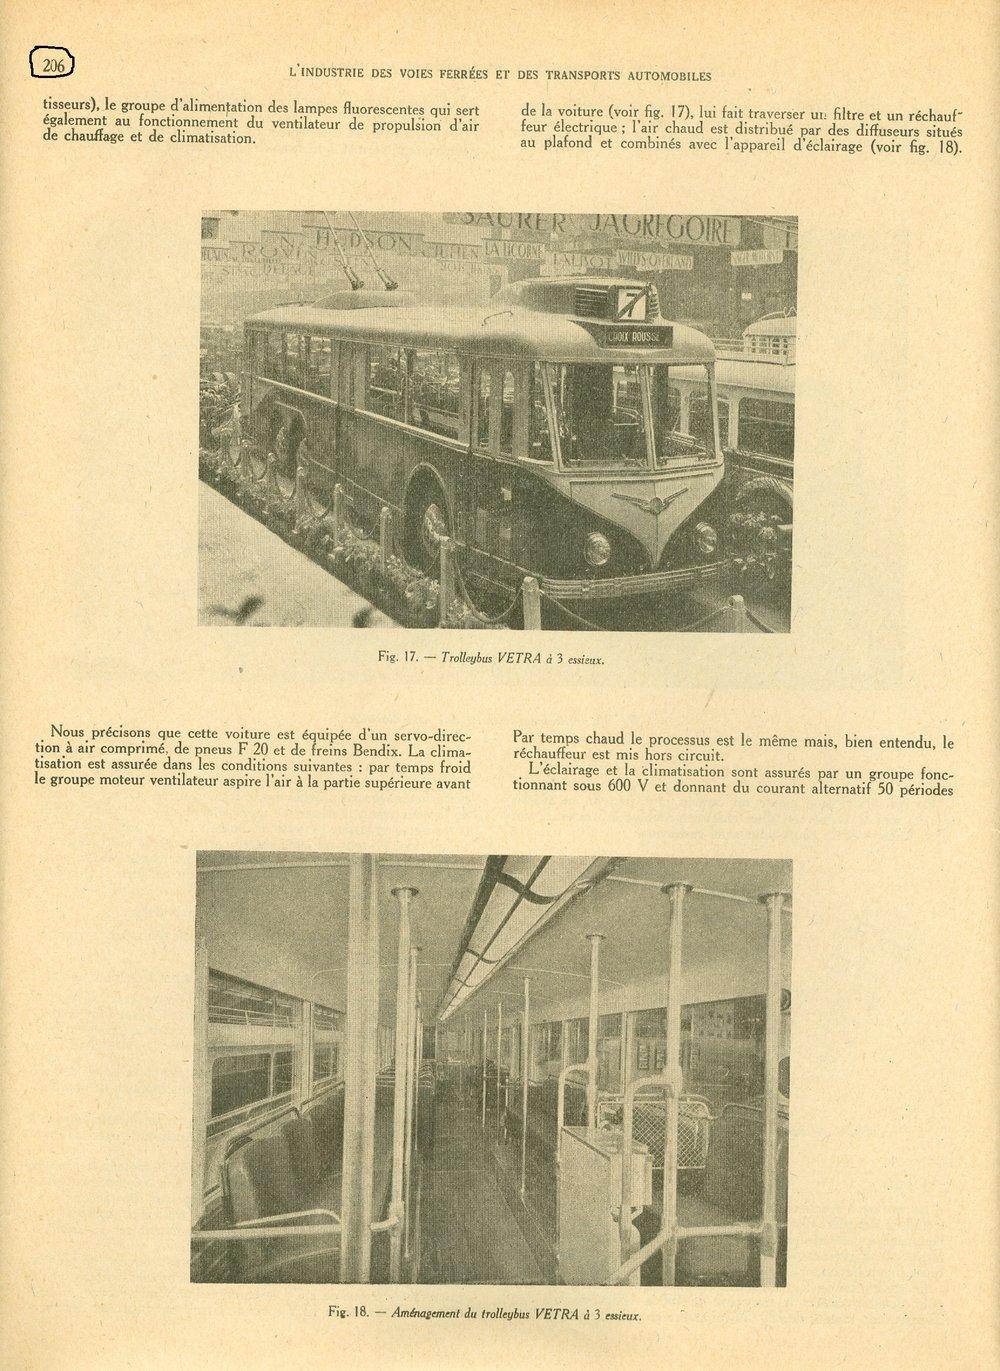 Časopis Union des Voies Ferrées et des Transports Automobiles  přinesl vjednom ze svých vydání zroku 1947 informaci oPařížském autosalonu konaném onoho roku a naní proběhlé prezentaci nového typu trolejbusu VA3, který se však dočkal sériové výroby až v50. letech. (zdroj: sbírka Jeana Capoliniho)